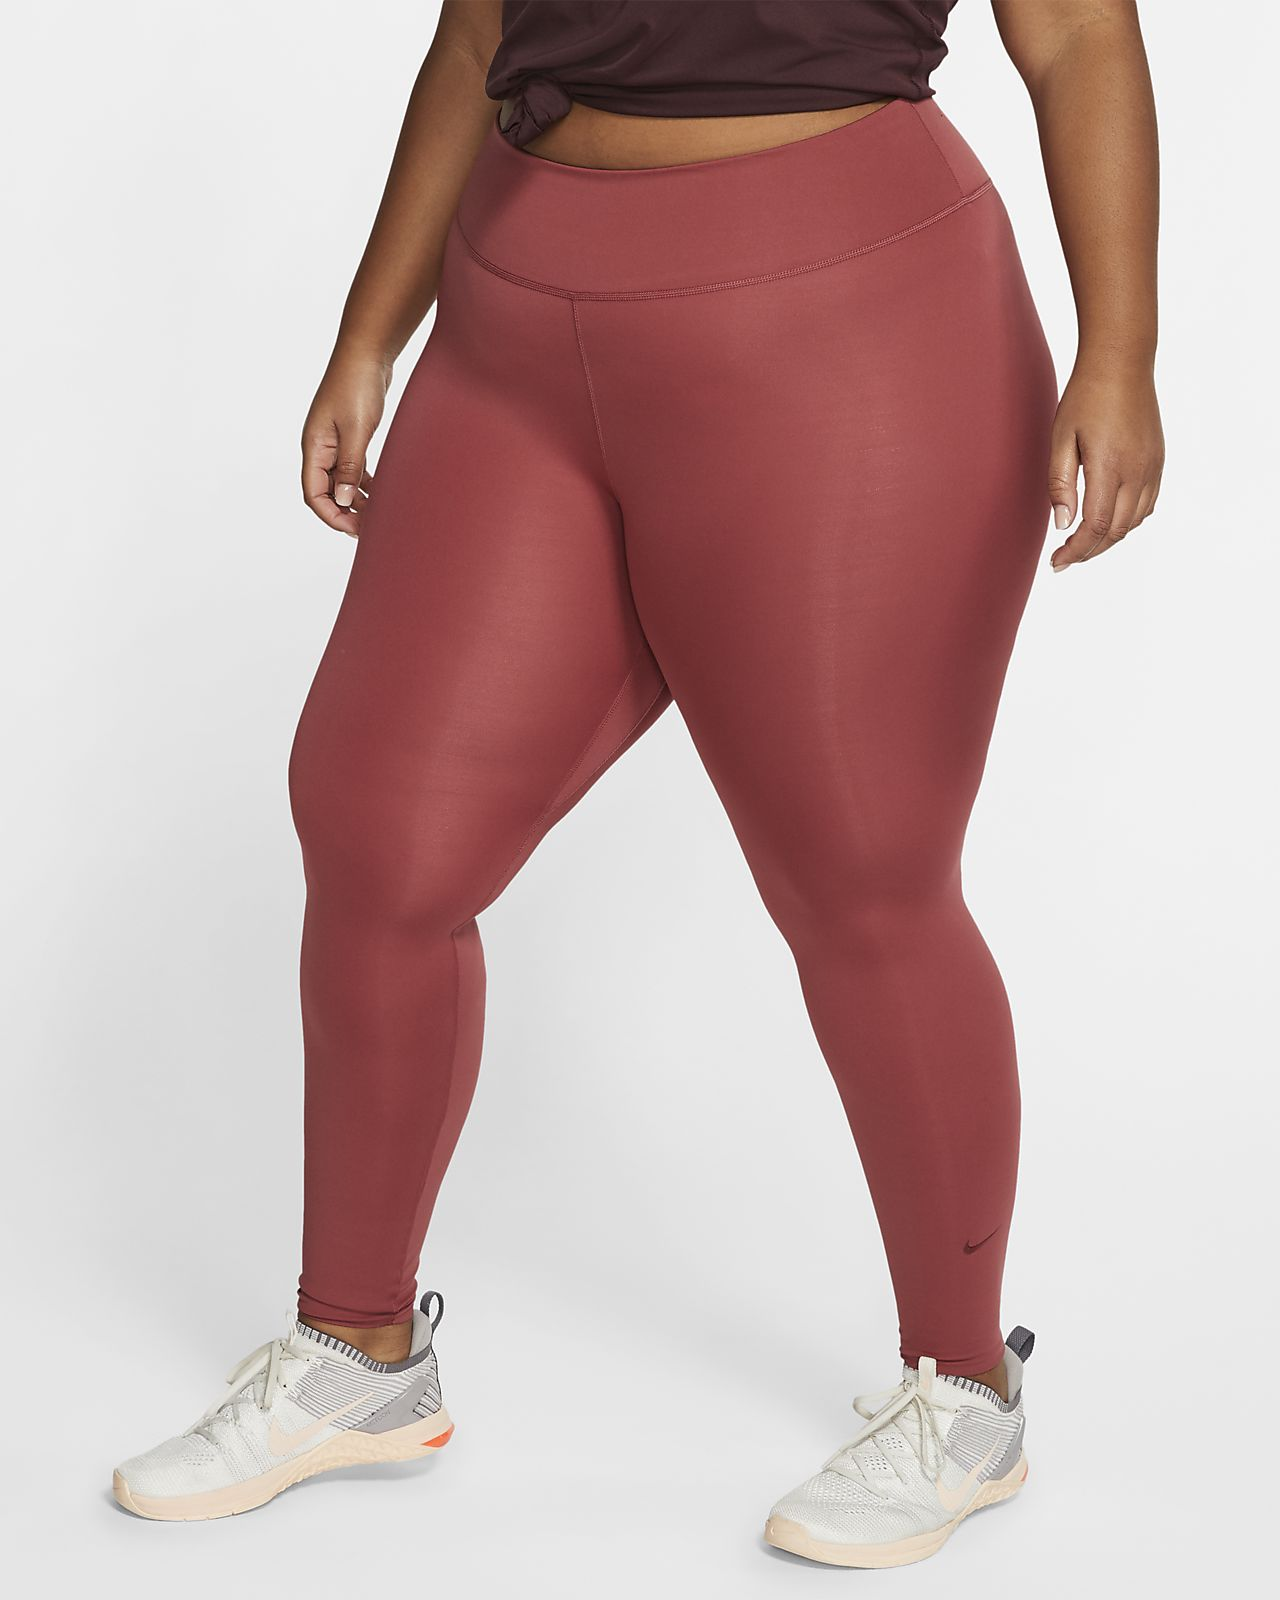 Legginsy damskie Nike One Luxe (duże rozmiary)